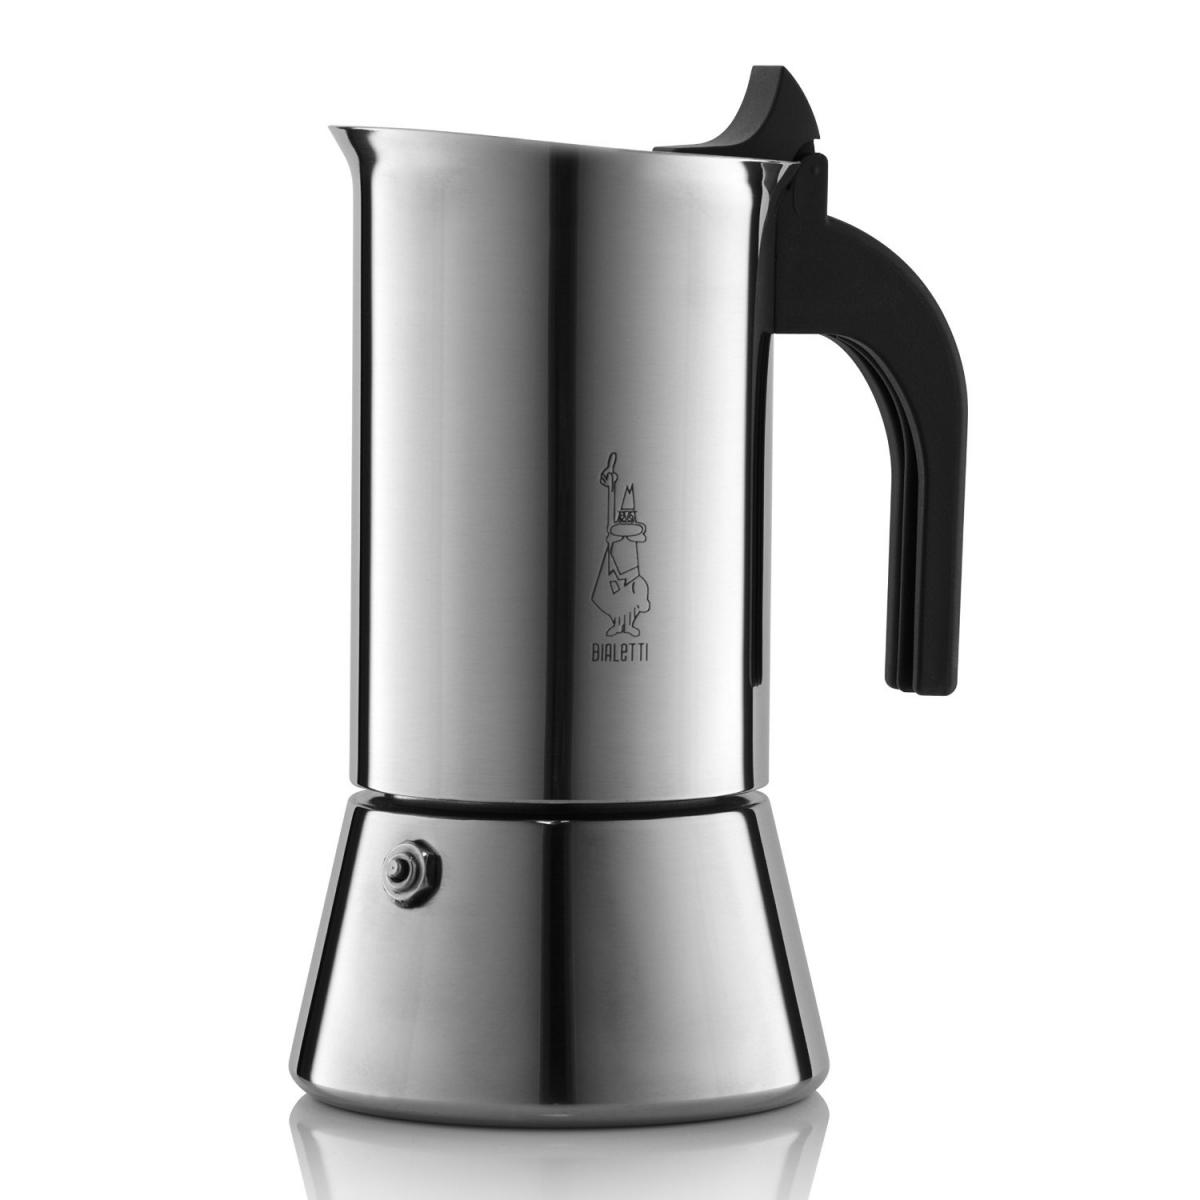 Bialetti kávovar Venus - 4 šalky